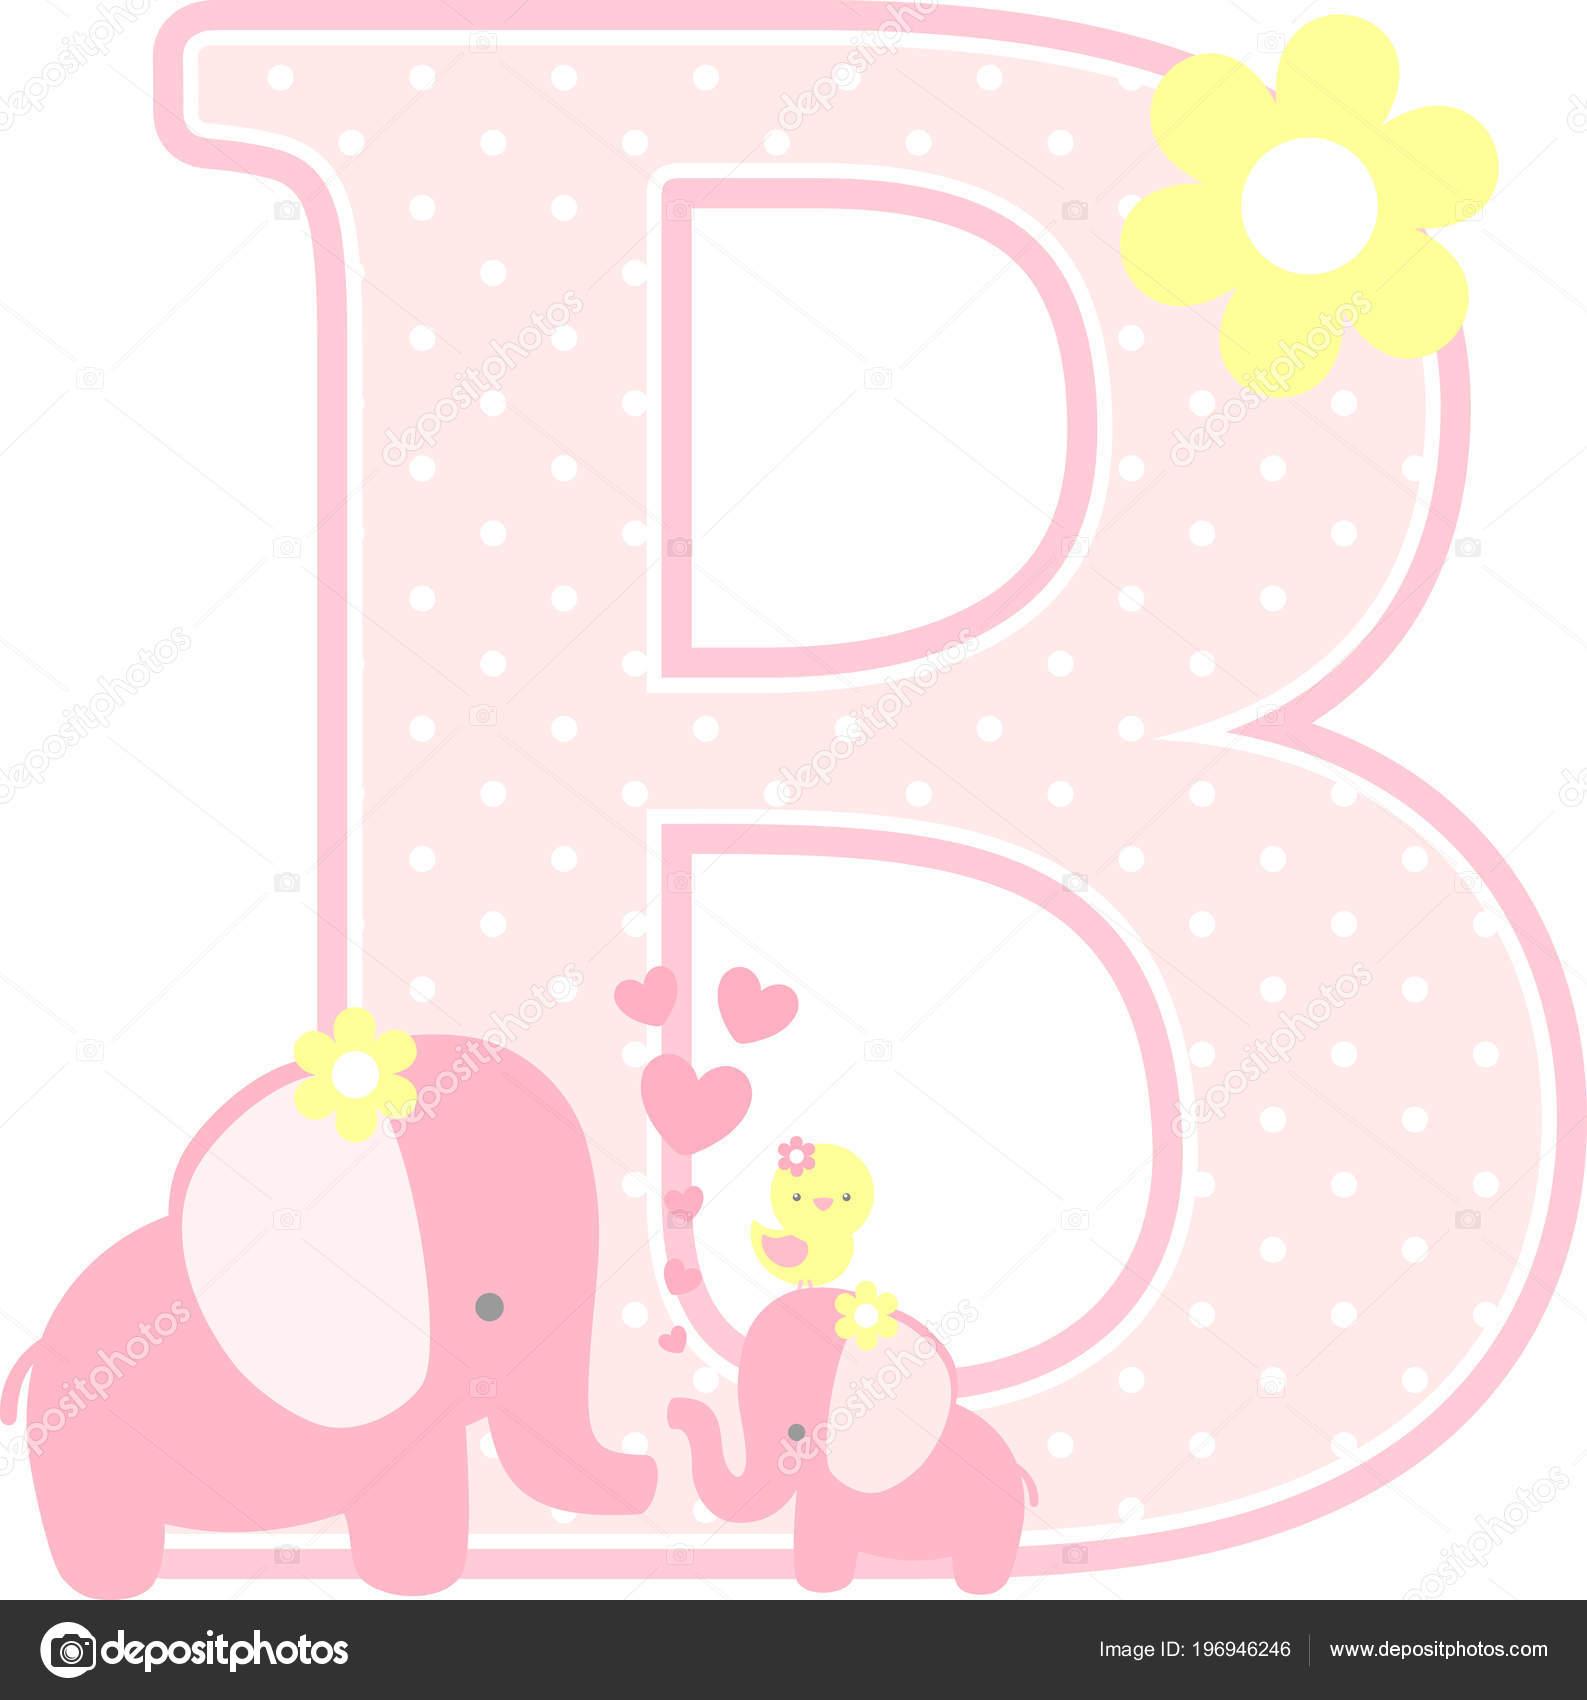 Erste B Mit Niedlichen Elefanten Und Kleine Baby Elefant, Isoliert Auf  Weiss. Einsetzbar Für Mutter Tageskarte, Baby Mädchen Geburtsanzeigen, ...